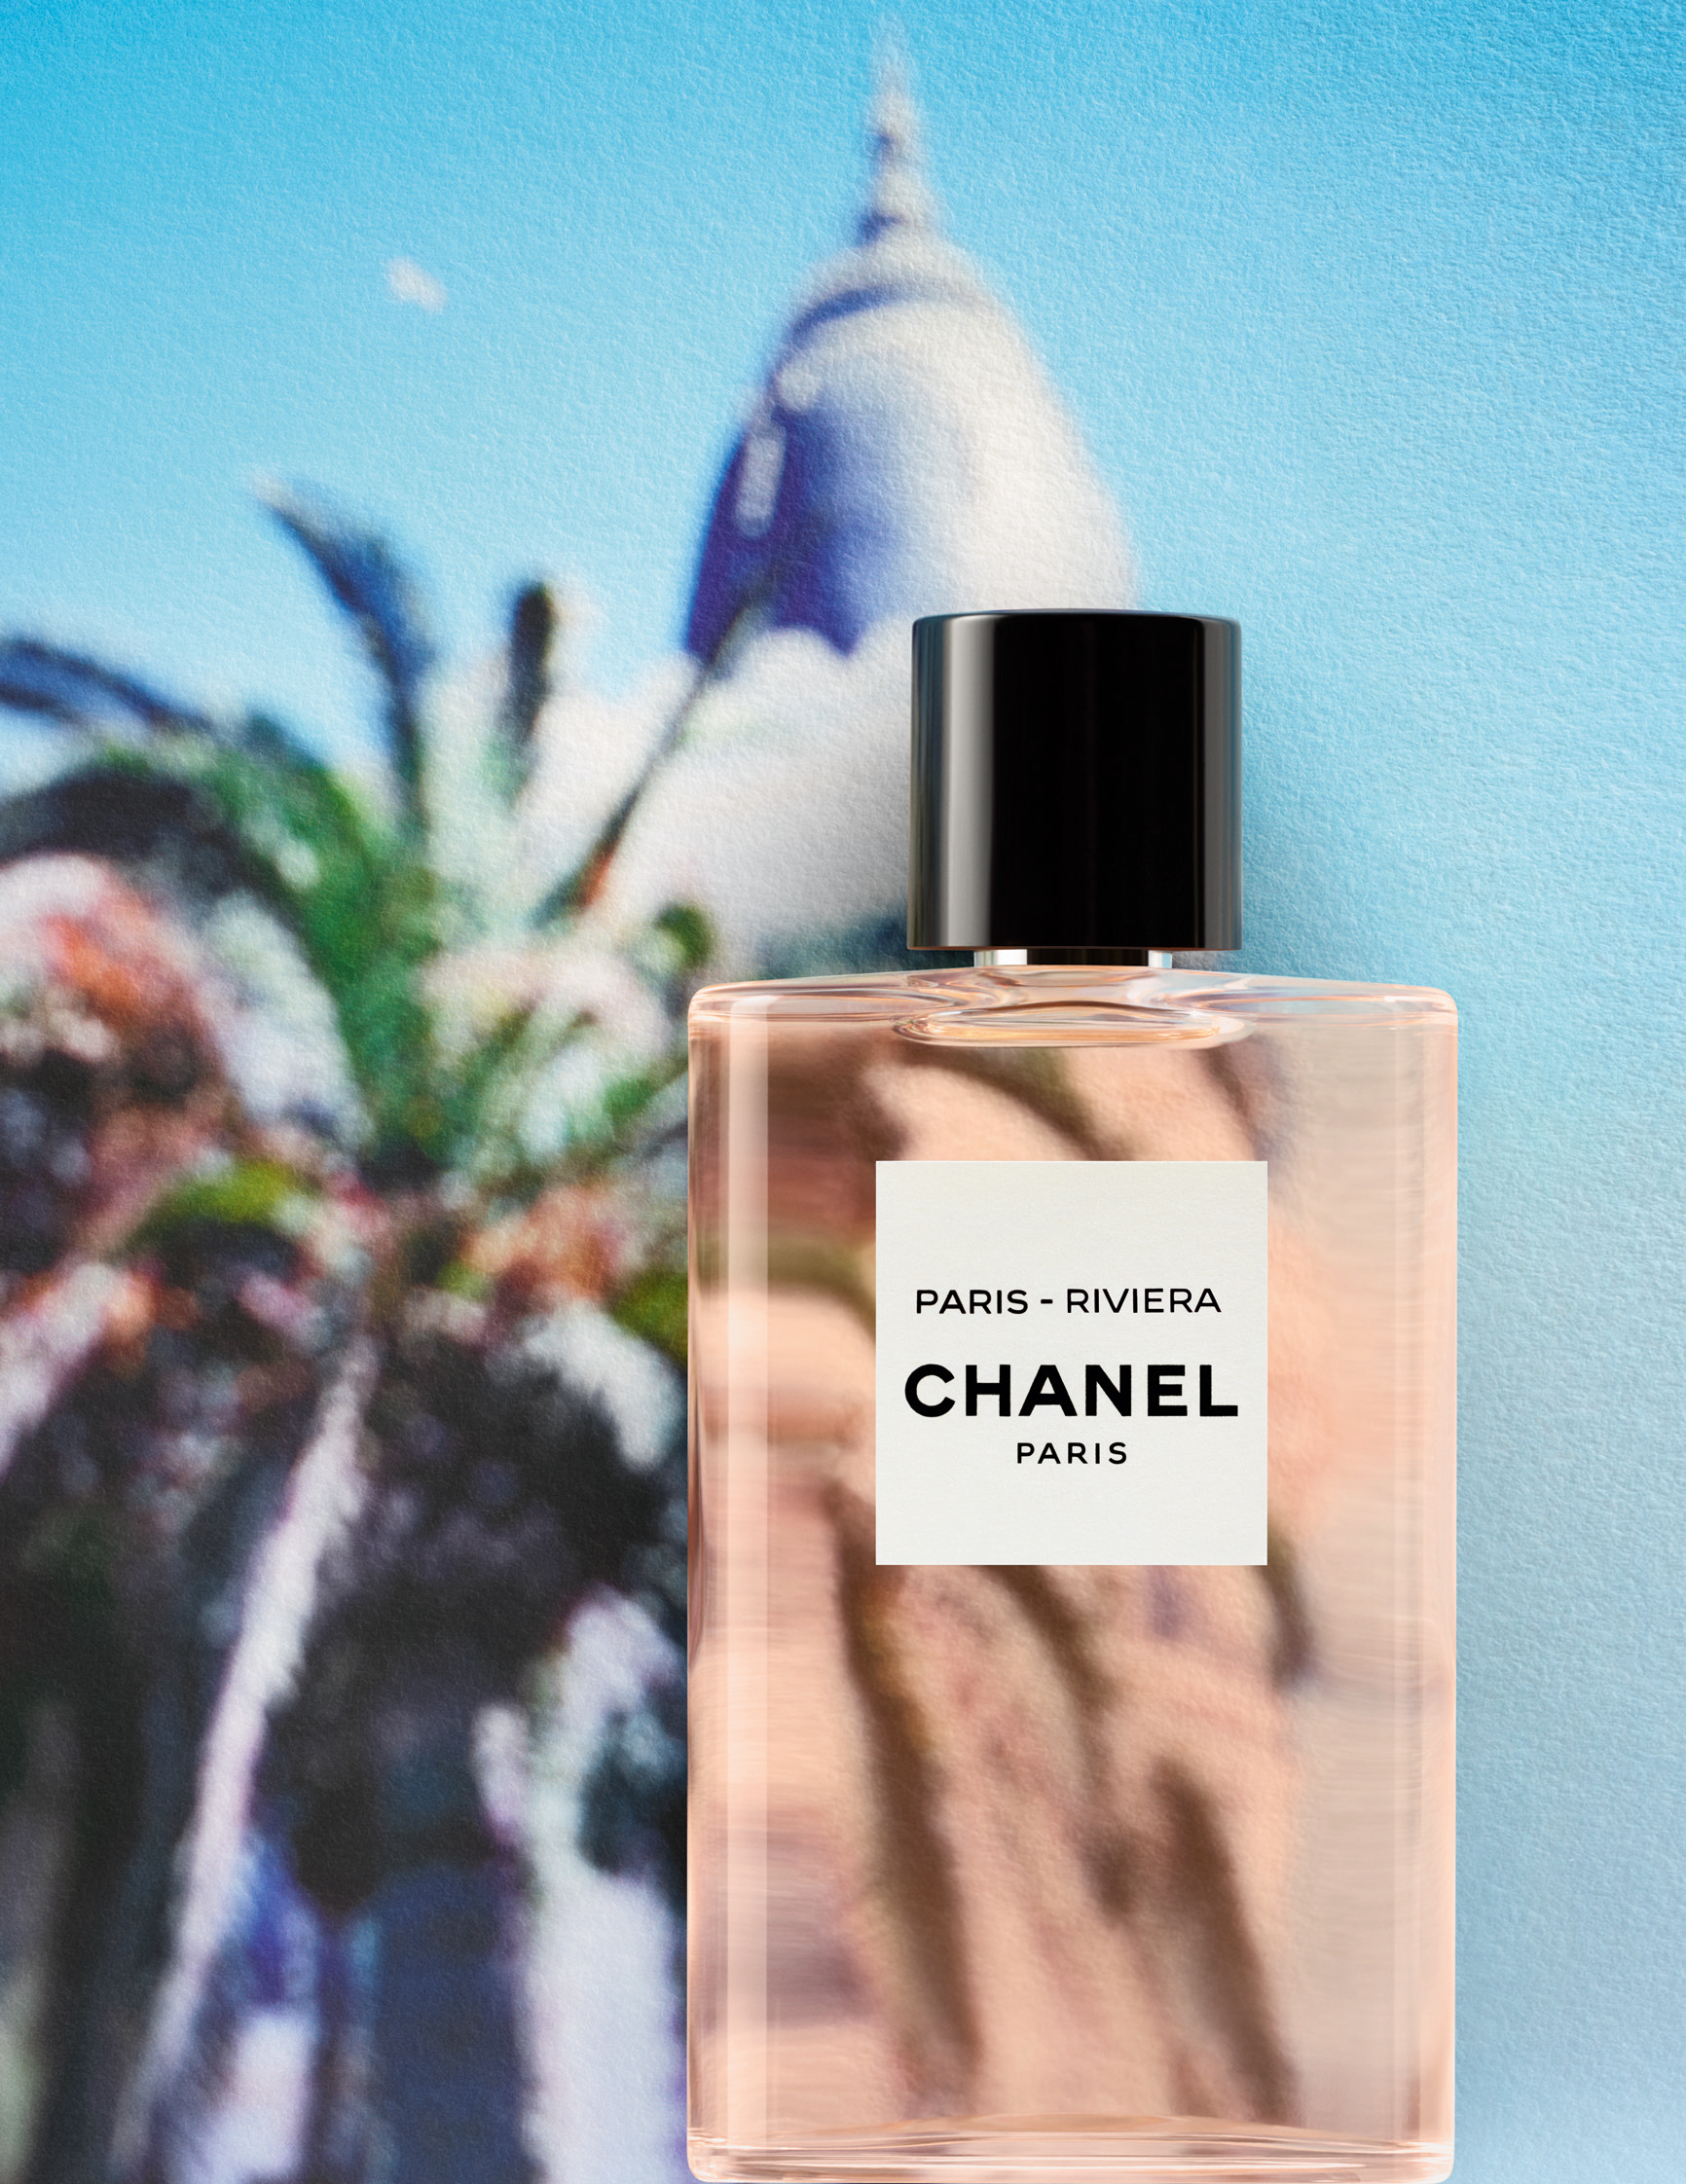 f73d697c30a7a Chanel Les Eaux De Chanel Paris - Riviera العطر الجديد من شانيل ...